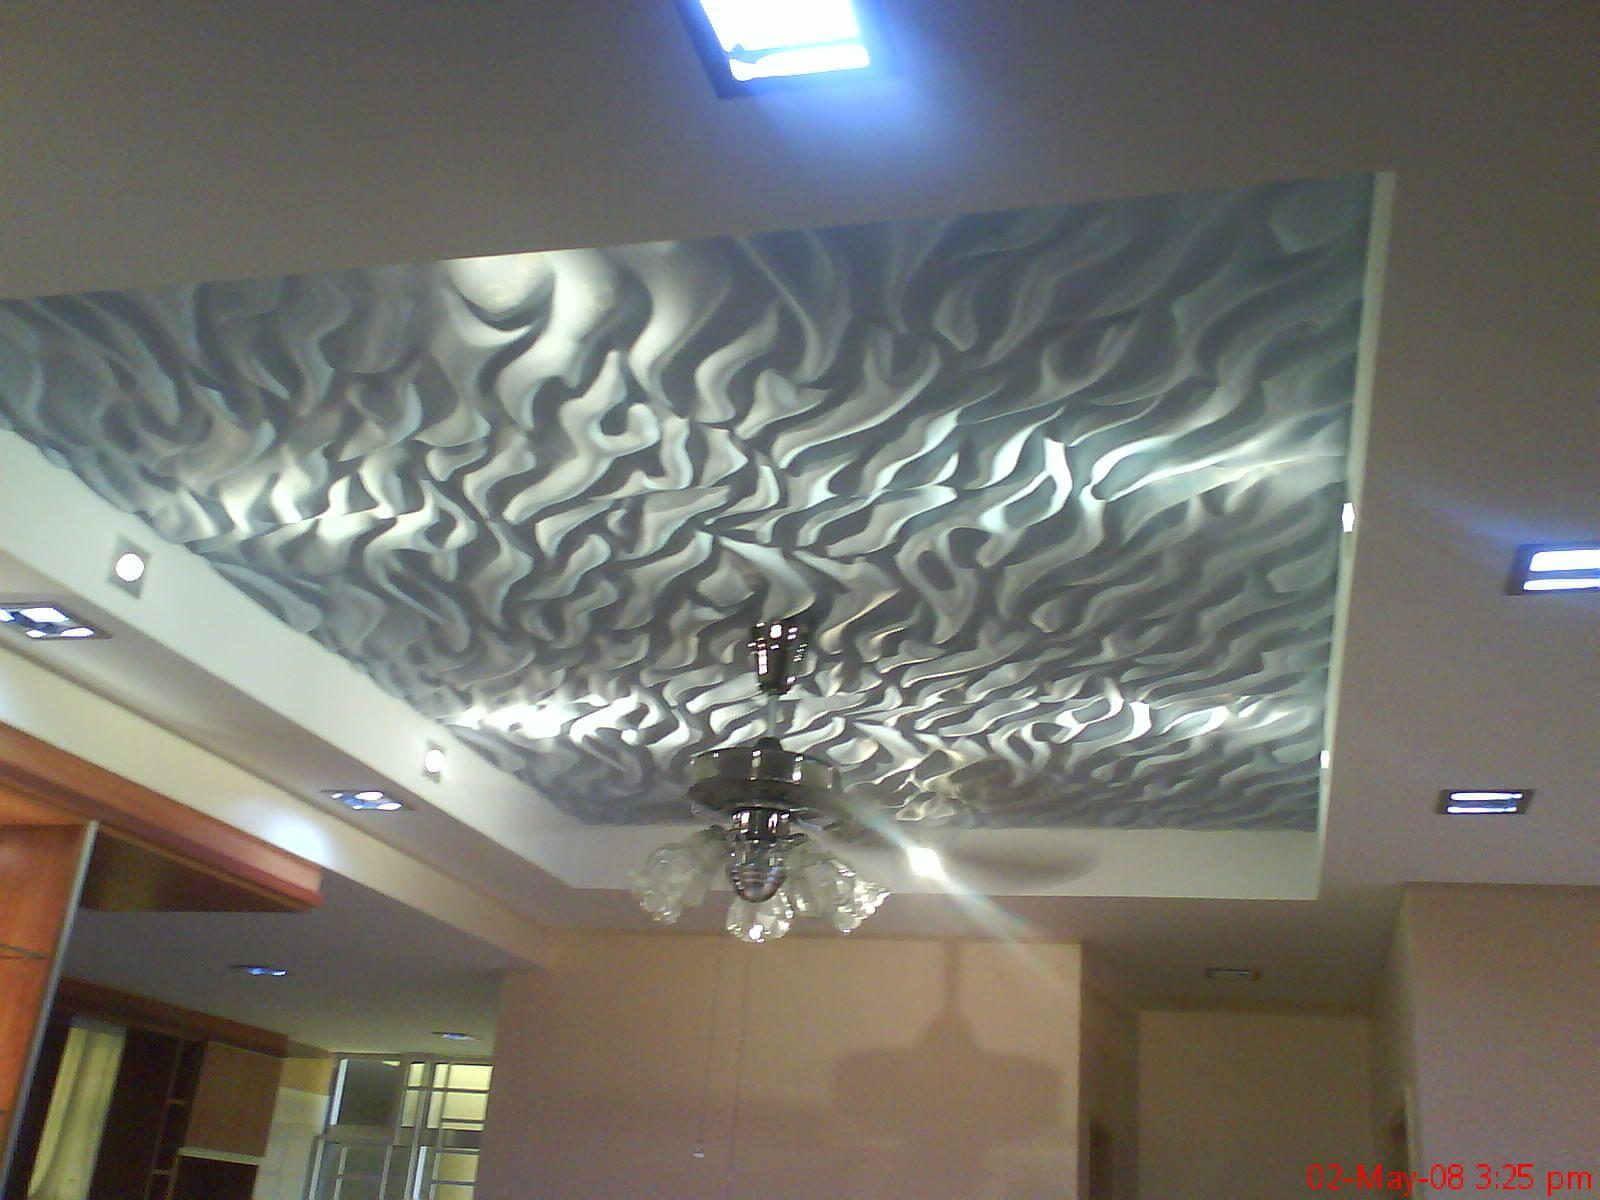 Marvelous Cool White Plafond With Unique Ornament False Ceiling